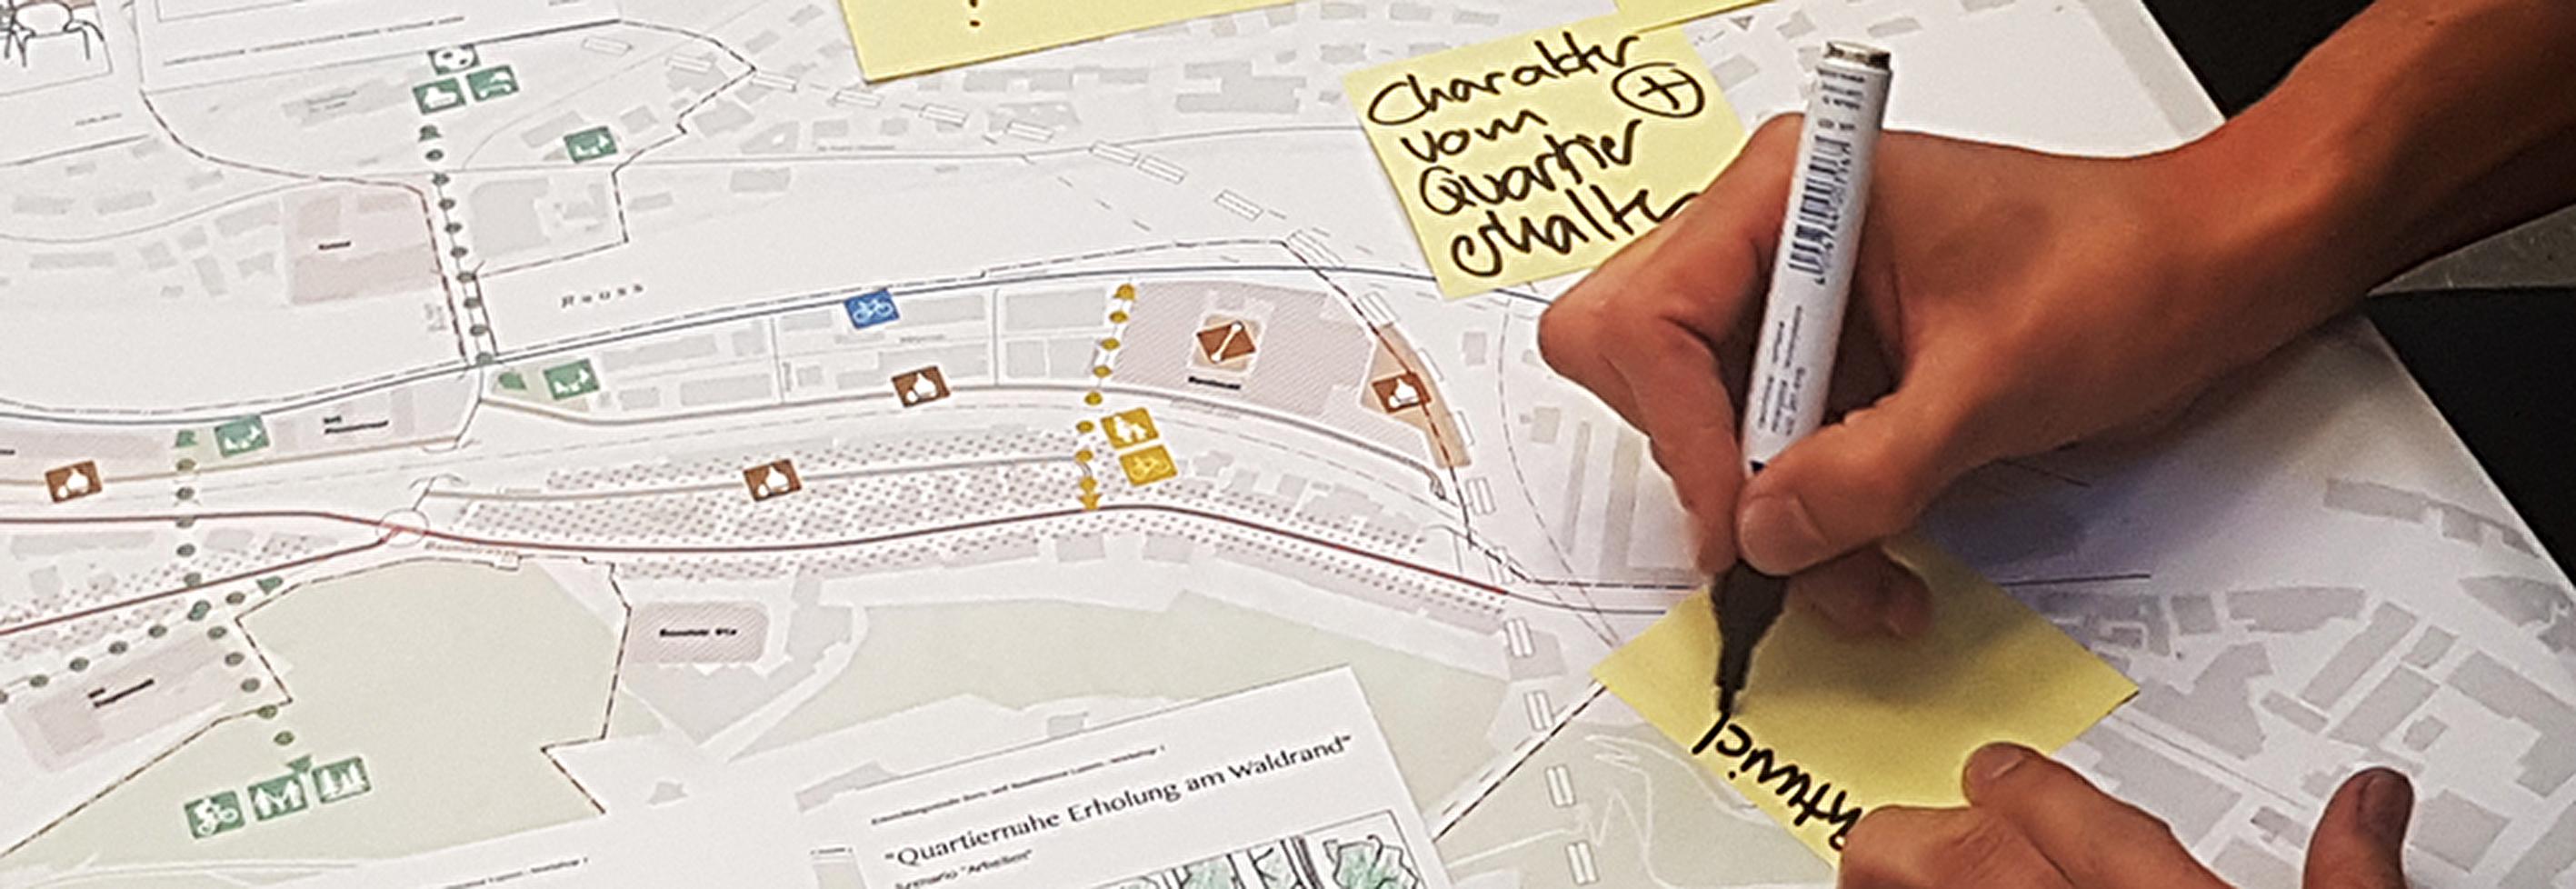 Entwicklungskonzept Basel- und Bernstrasse